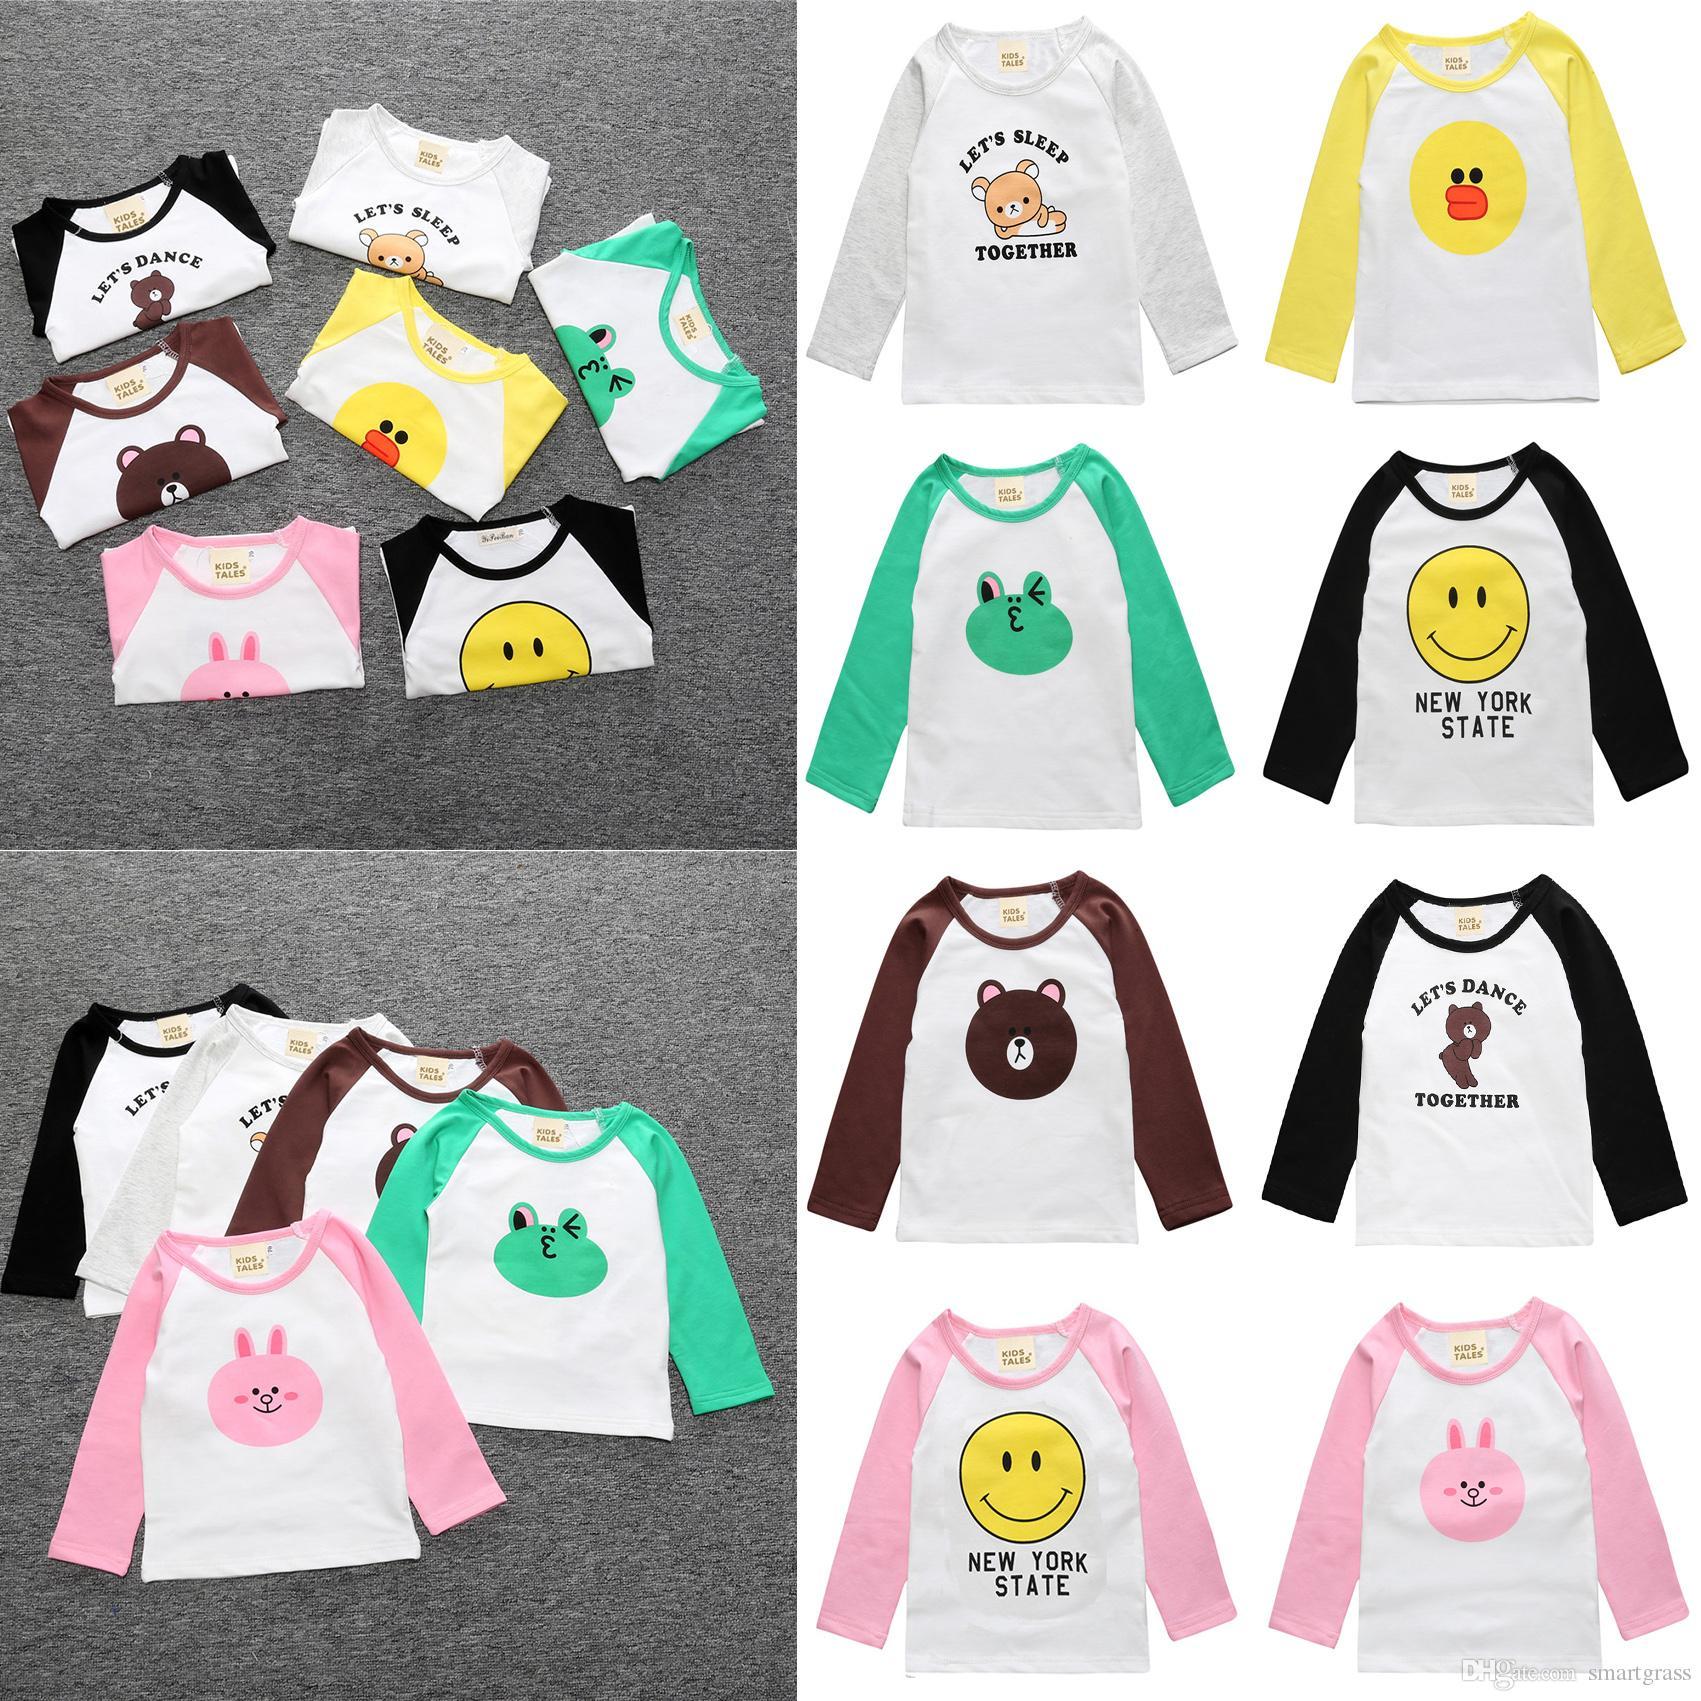 Compre Los Niños Lindos De Manga Larga Camiseta De Algodón Barato Ropa De  Bebé Boy Girl Niños Raglan Impreso Moda Camisetas Niñas Niños Tops 17072901  A ... 9054001bf0a